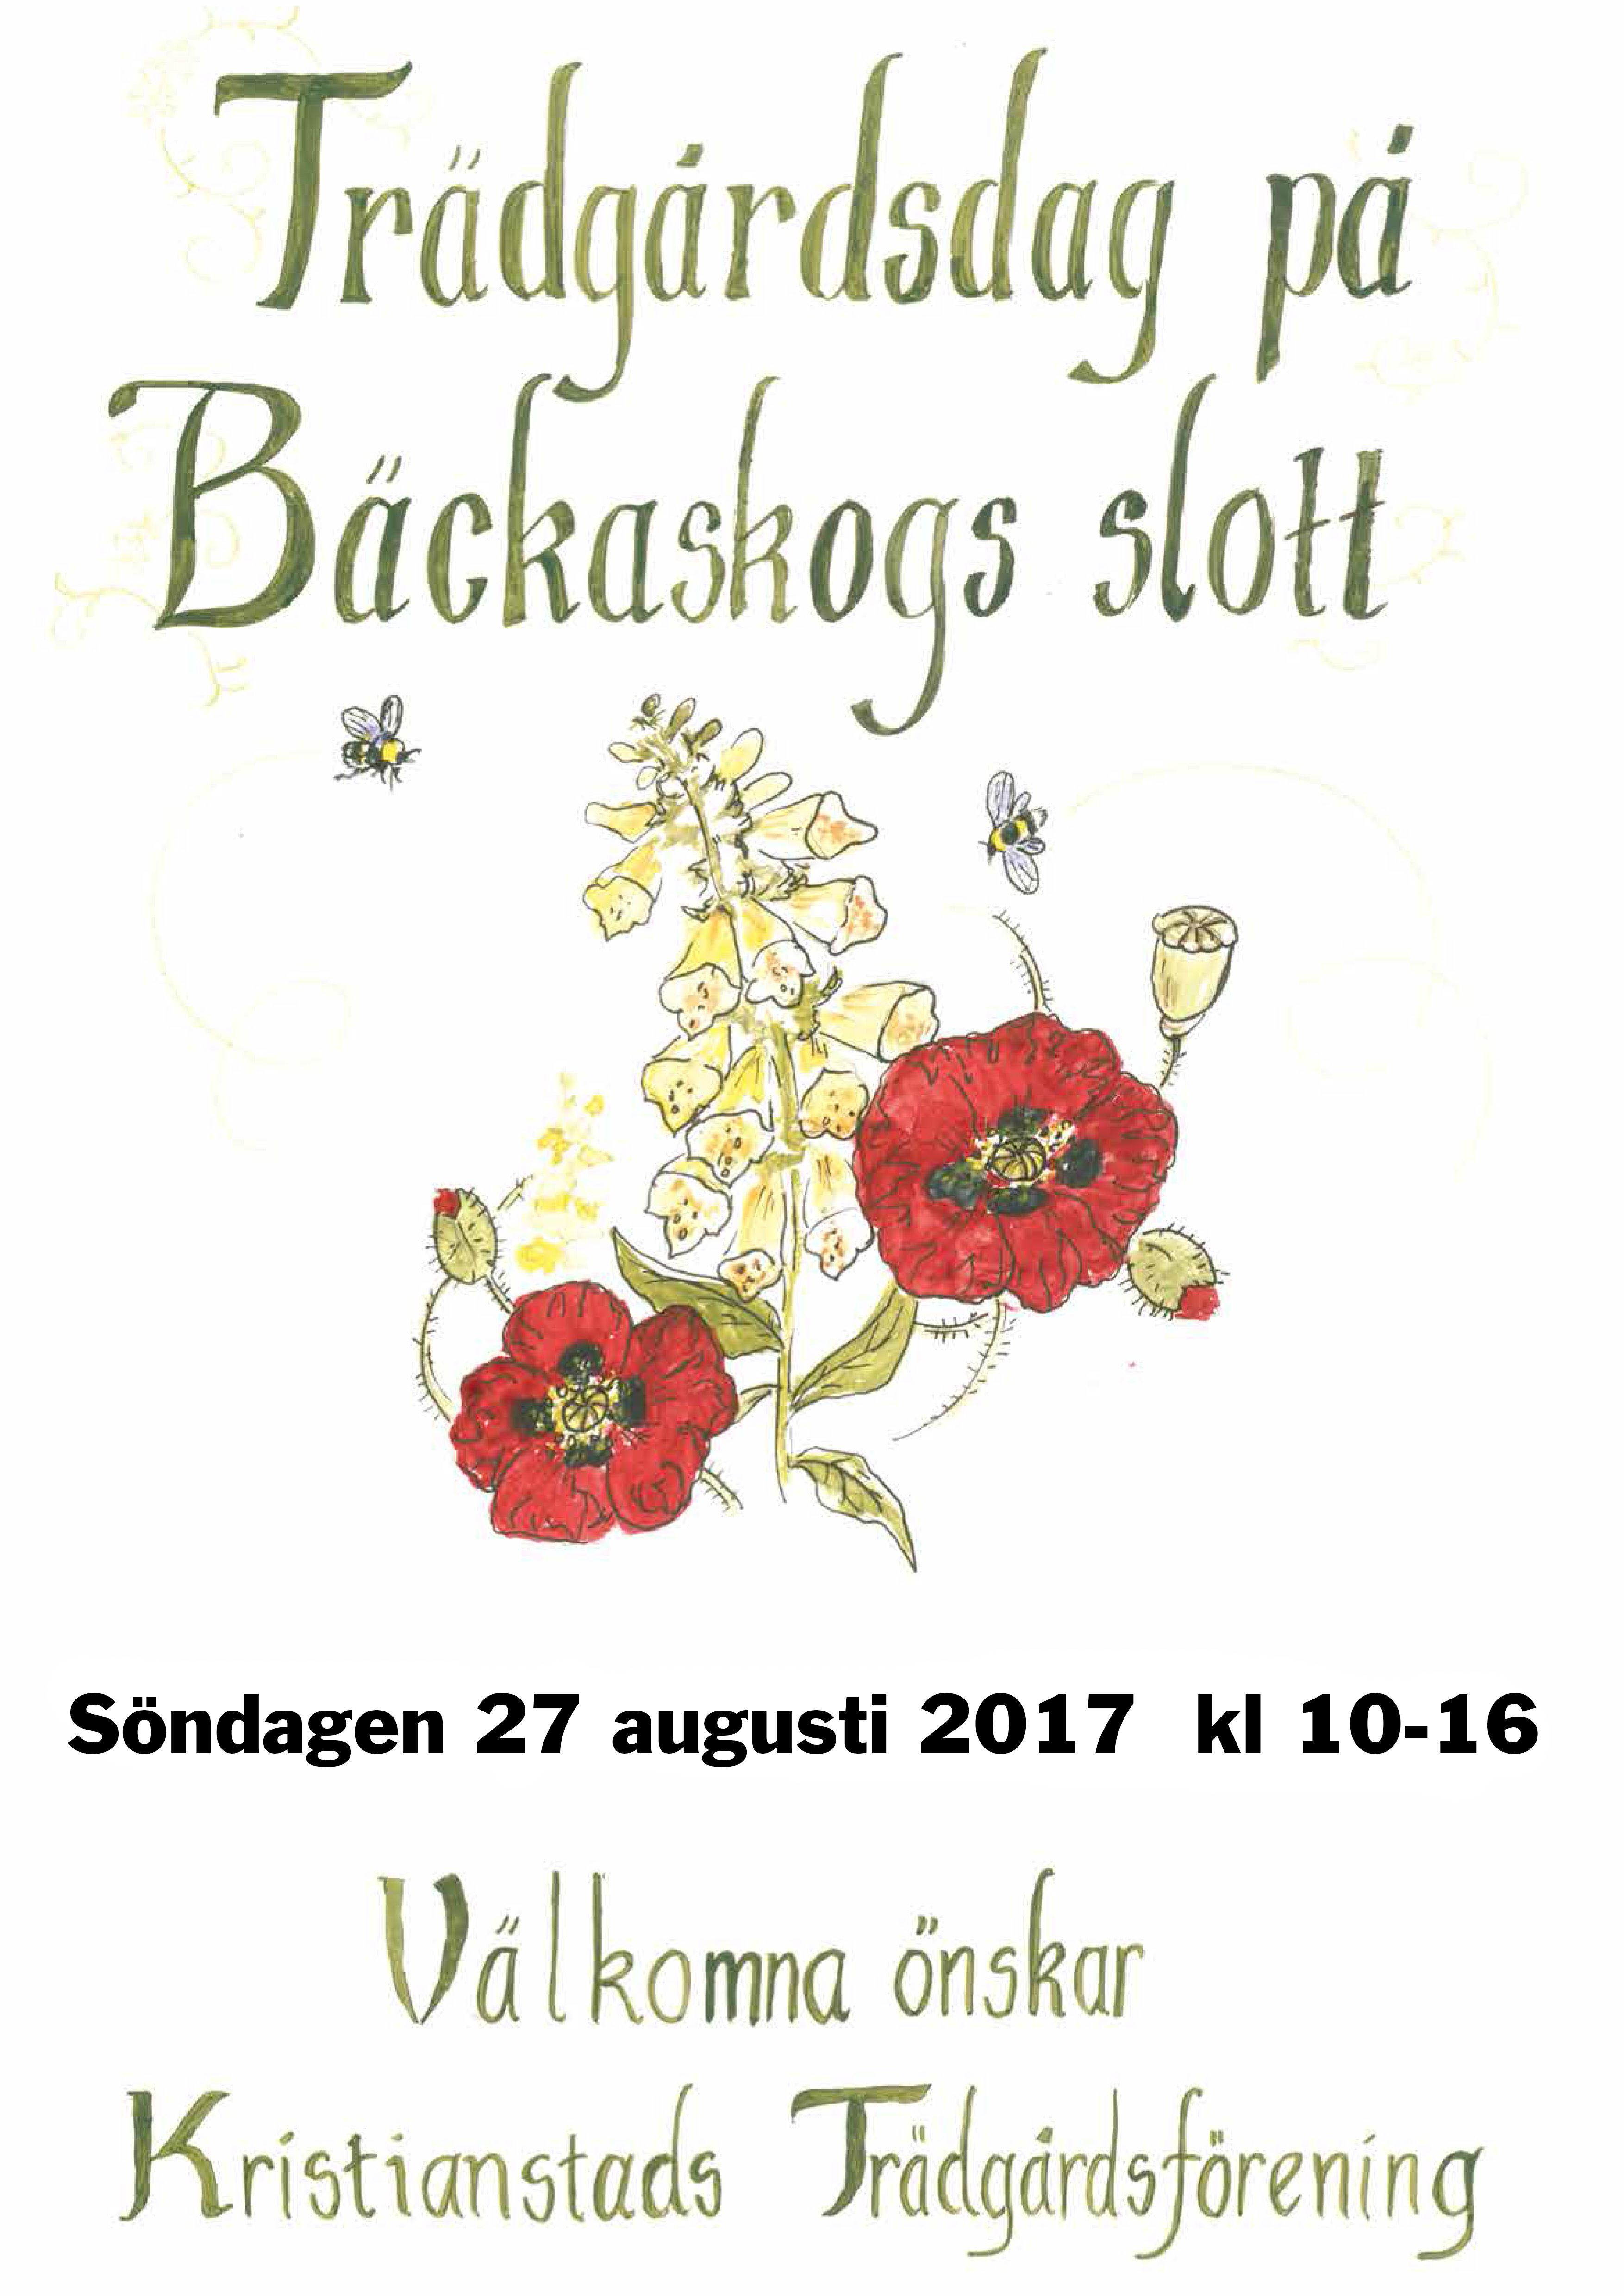 Trädgårdsdag på Bäckaskog slott